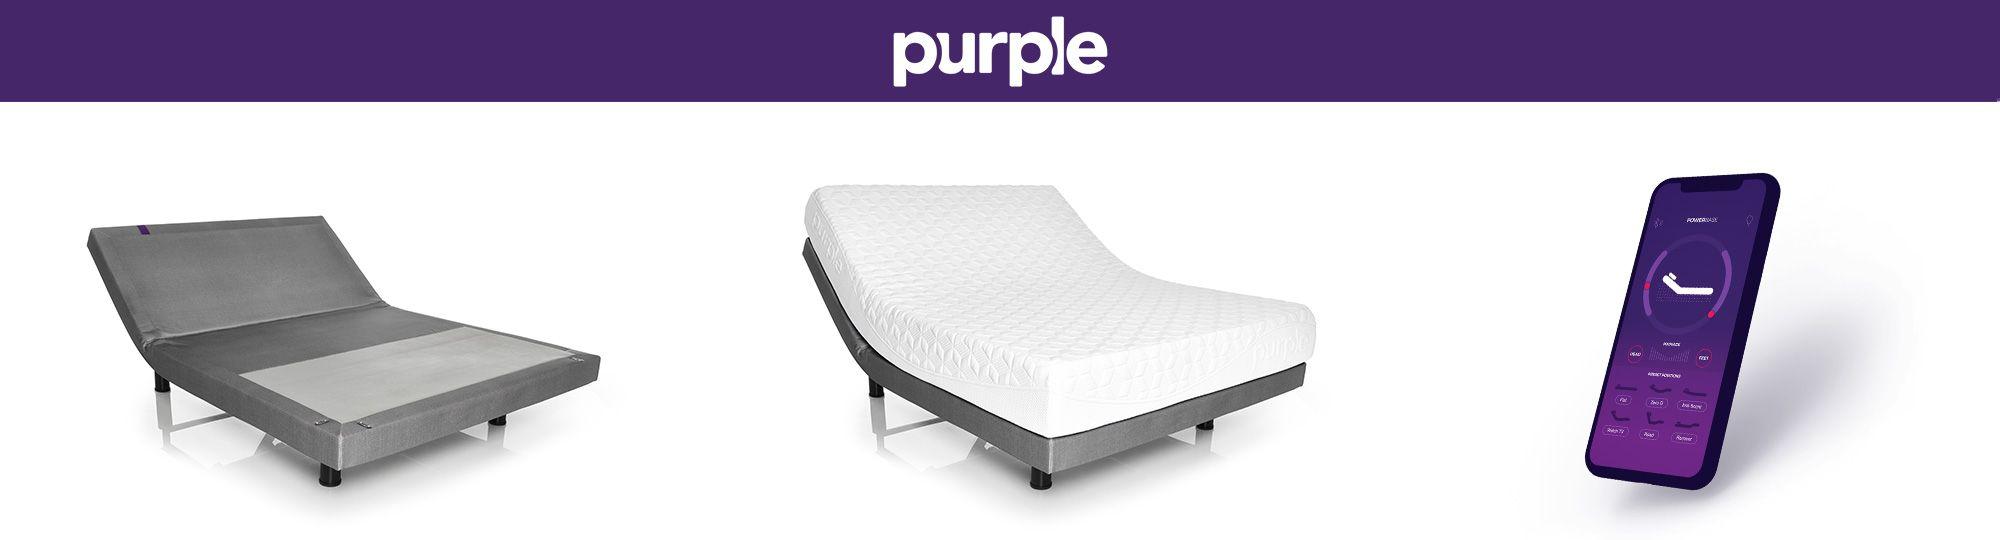 Purple Adjustable Base